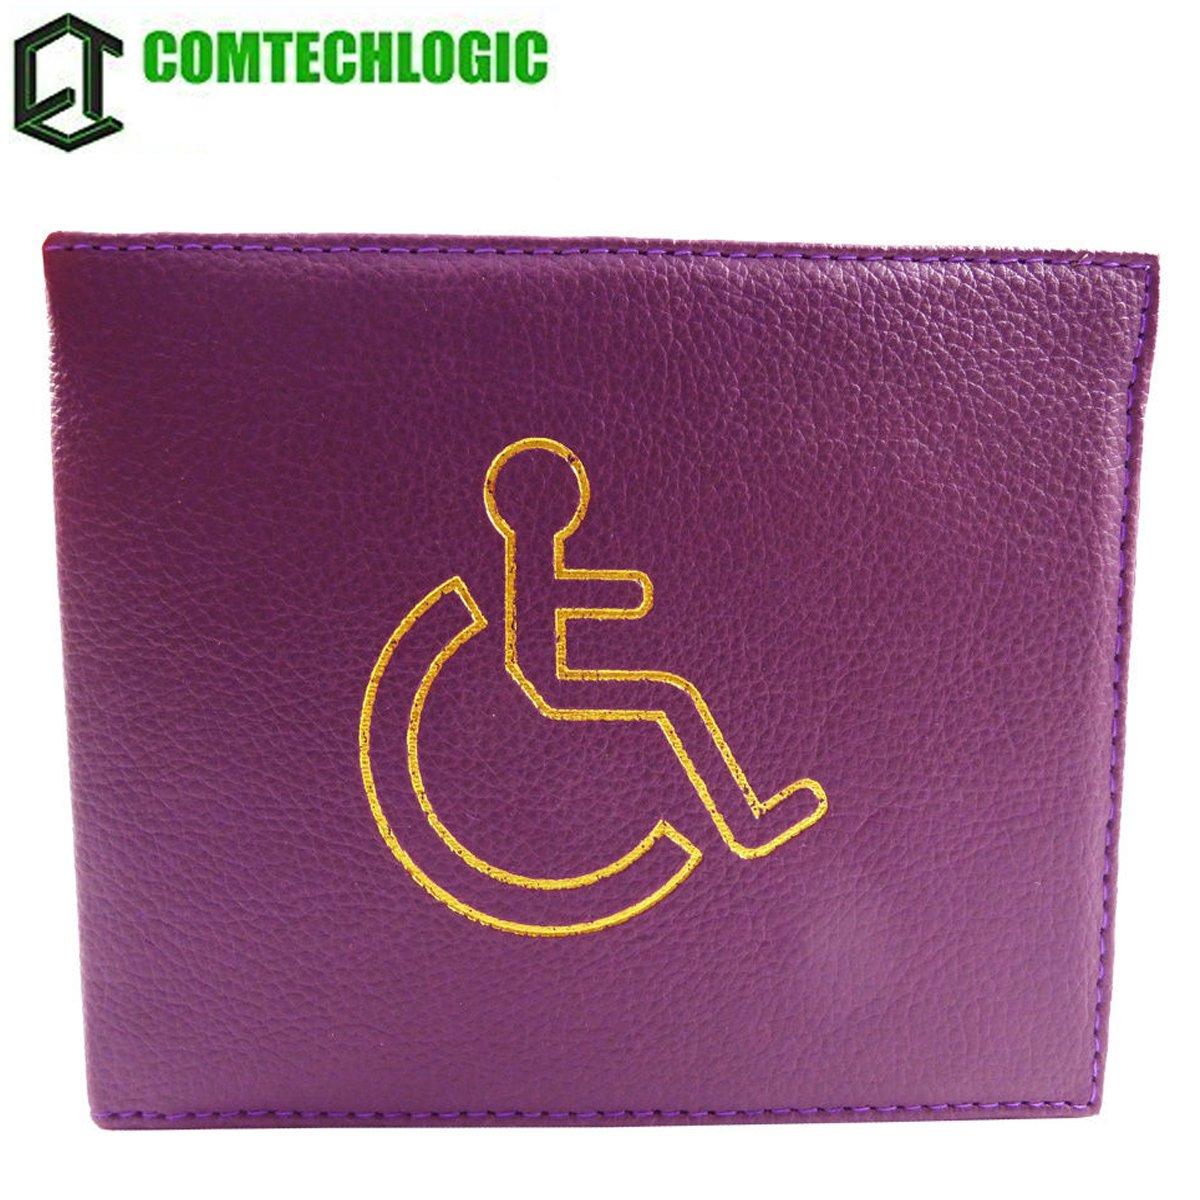 comtechlogic cm-4002 PU discapacitados Chapa cartera Parking ...